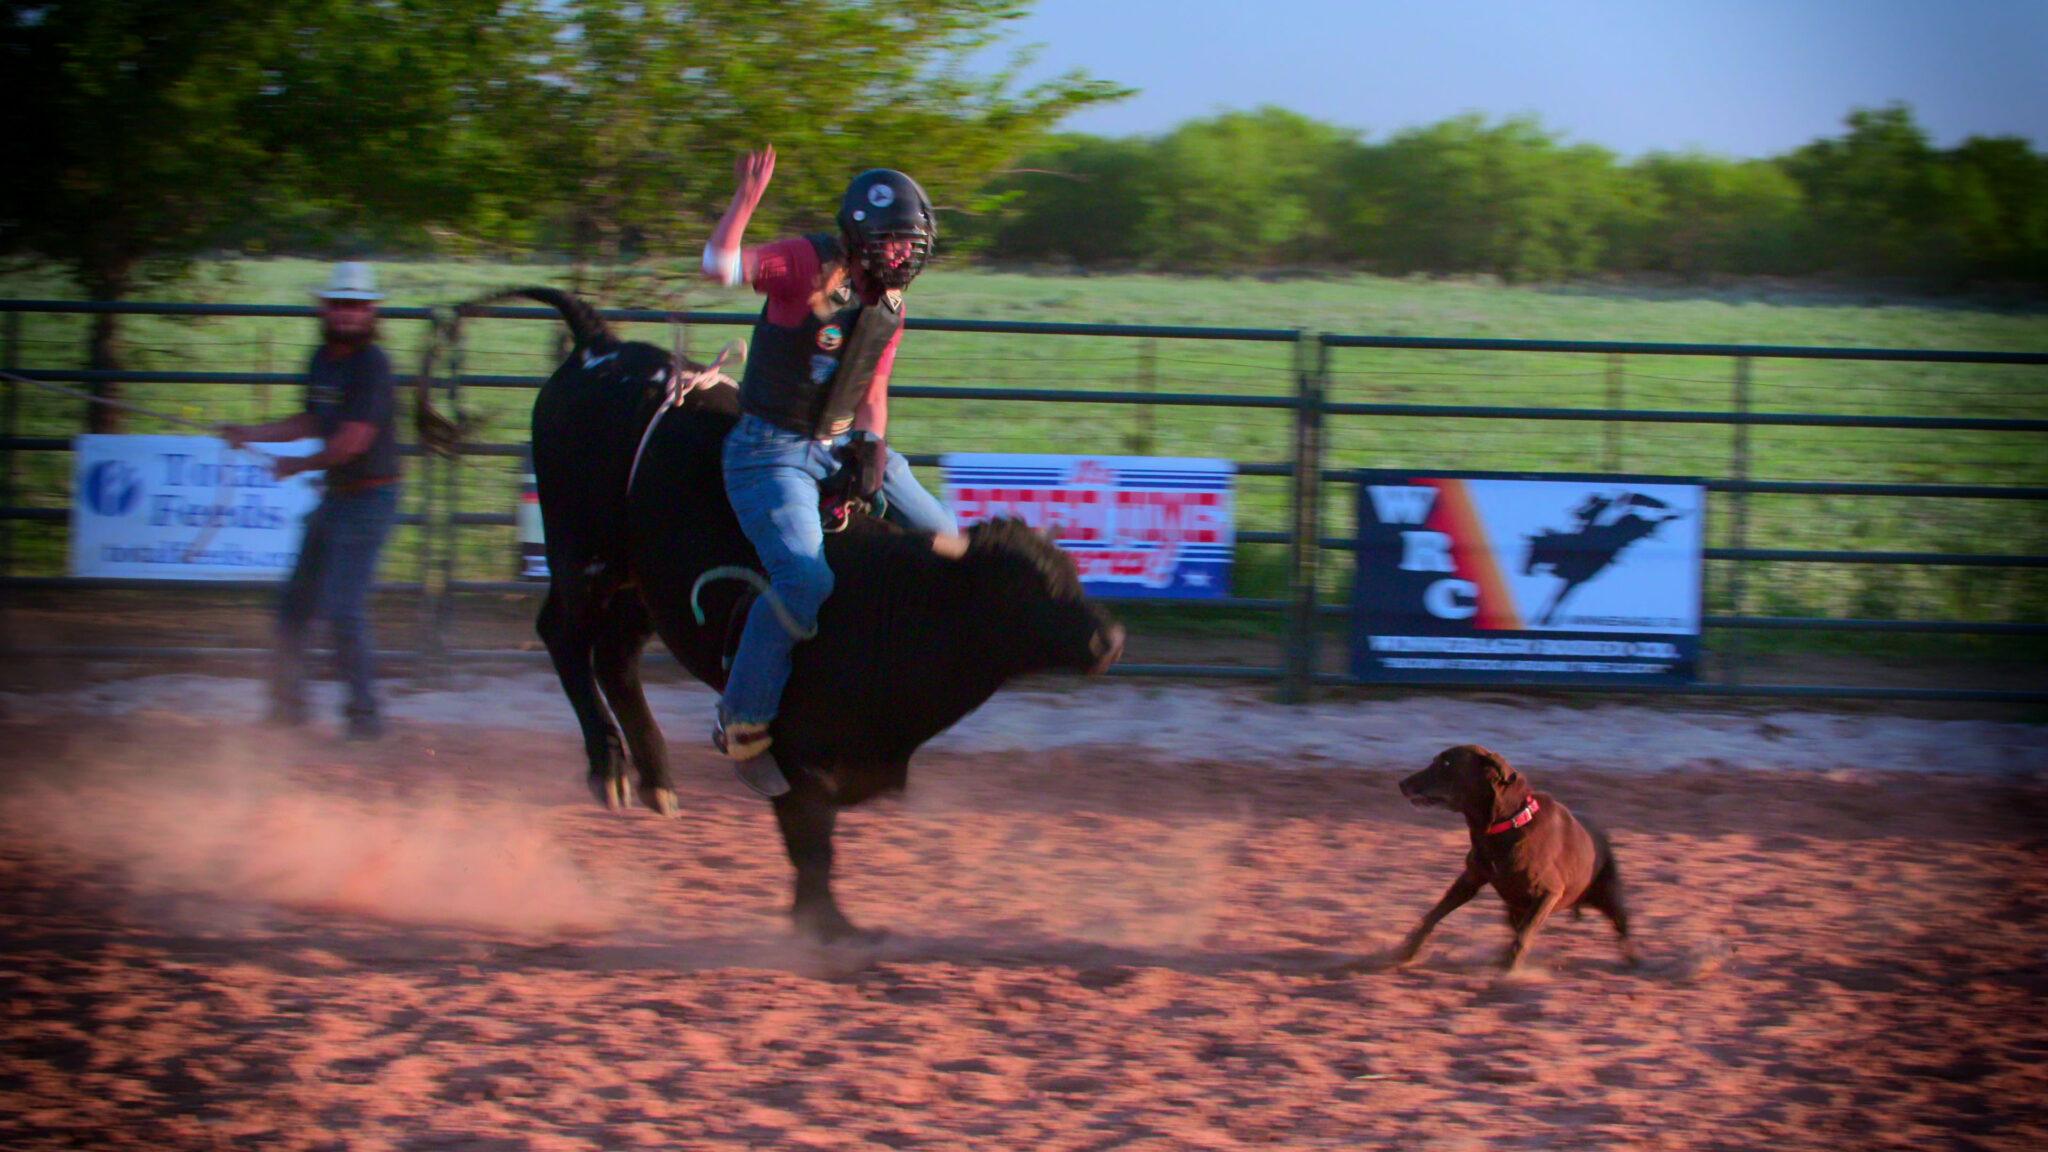 Ein Rodeoreiter auf einem Stier in einem Ring mit einem Hund